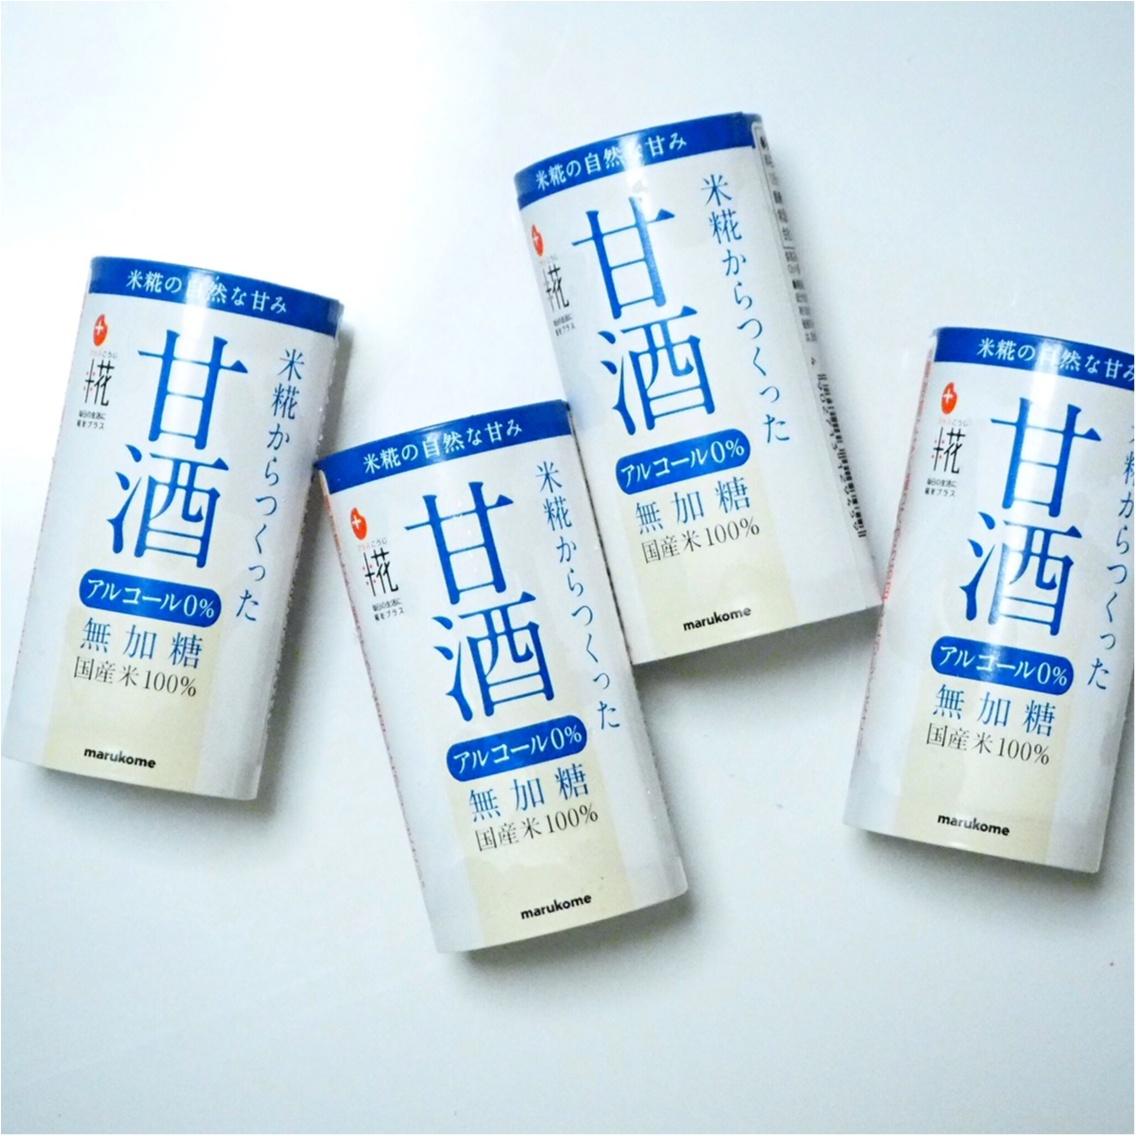 【8月5日】今日は発酵の日☆甘酒を使った美味しいレシピ☆_1